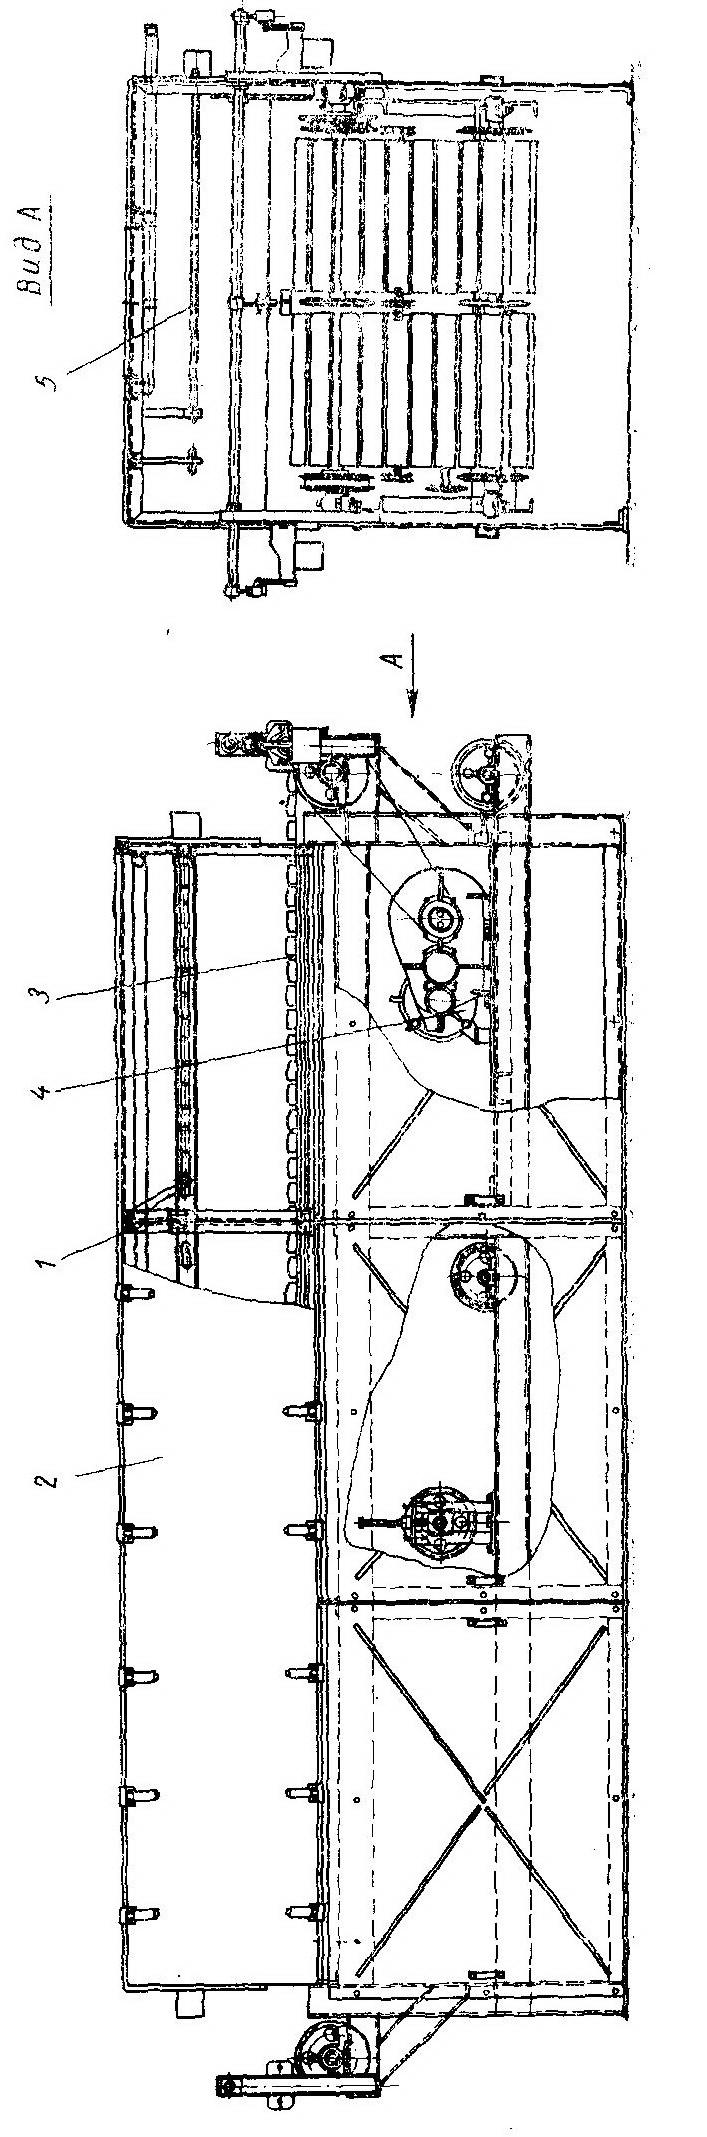 Камера УП предварительного подогрева щитовых деталей (проект Гипродревпрома) - Разное фото